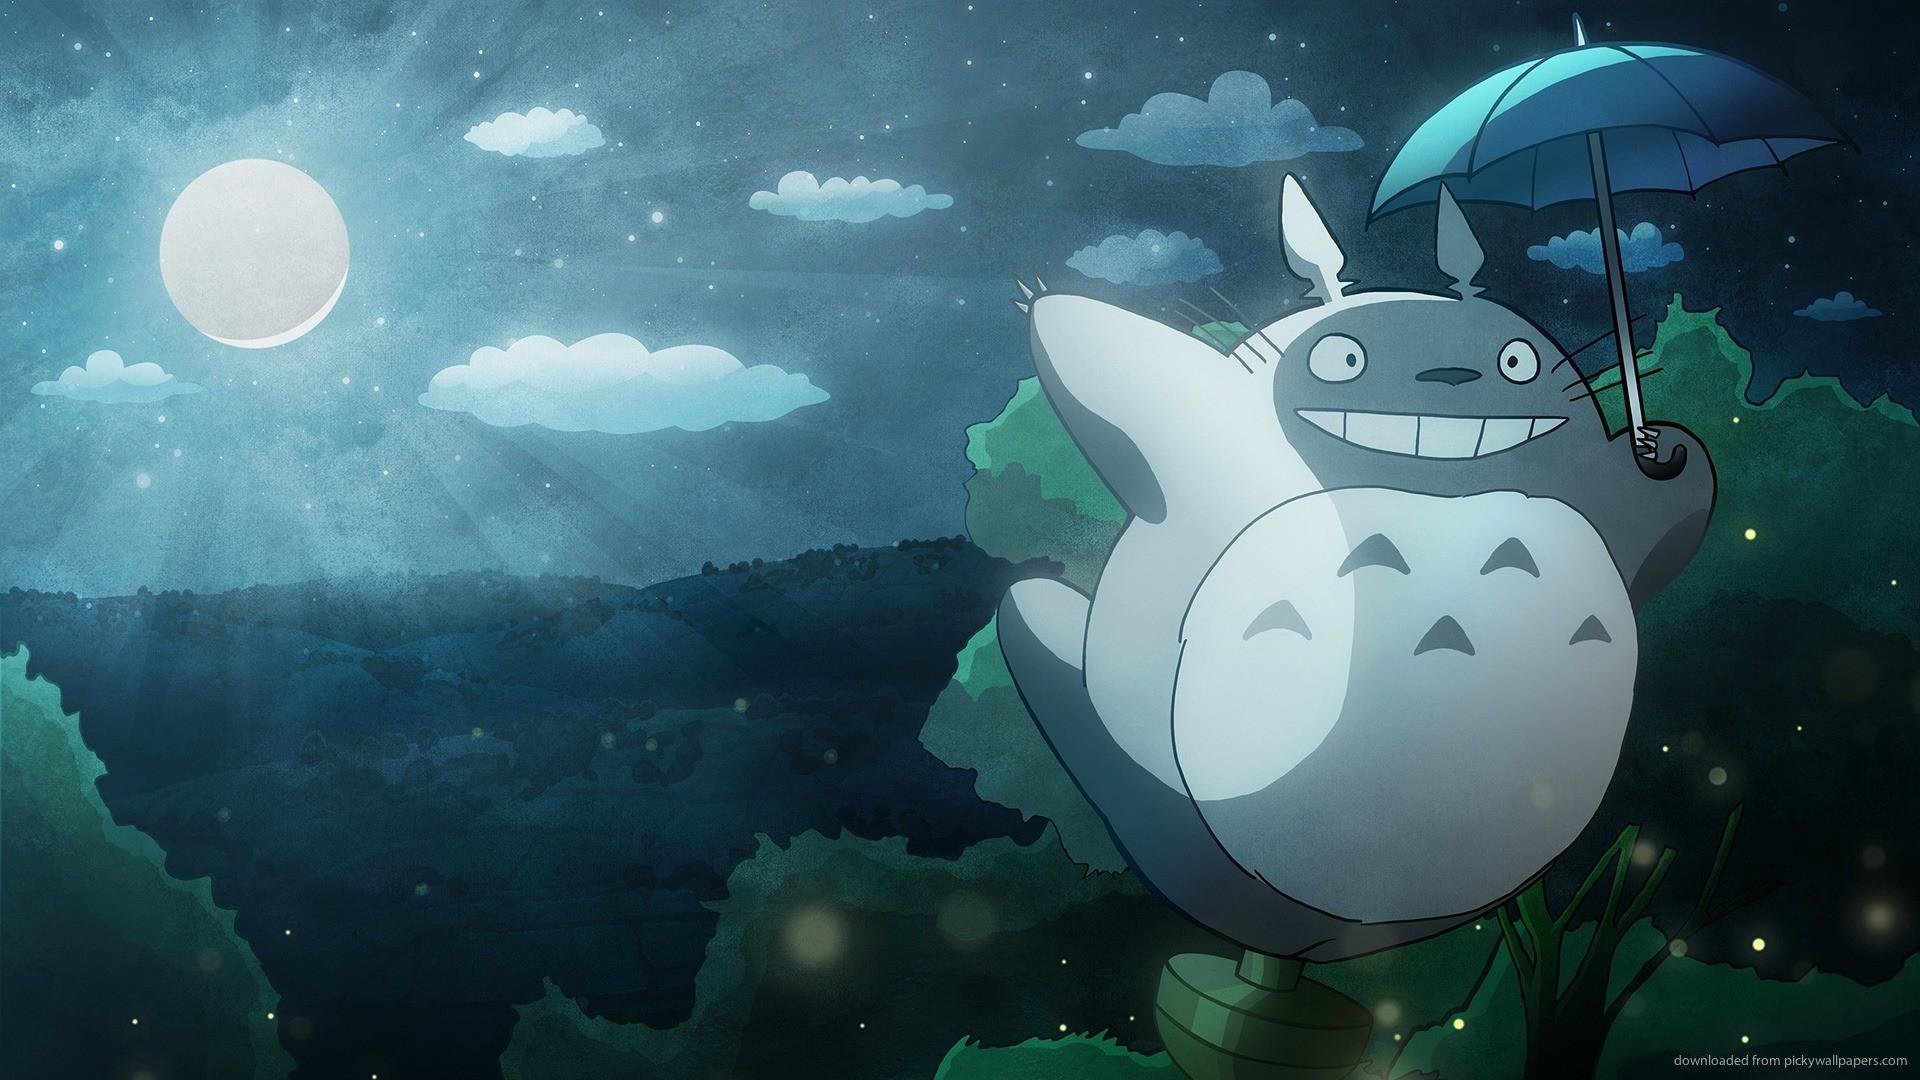 HD My Neighbor Totoro flight wallpaper